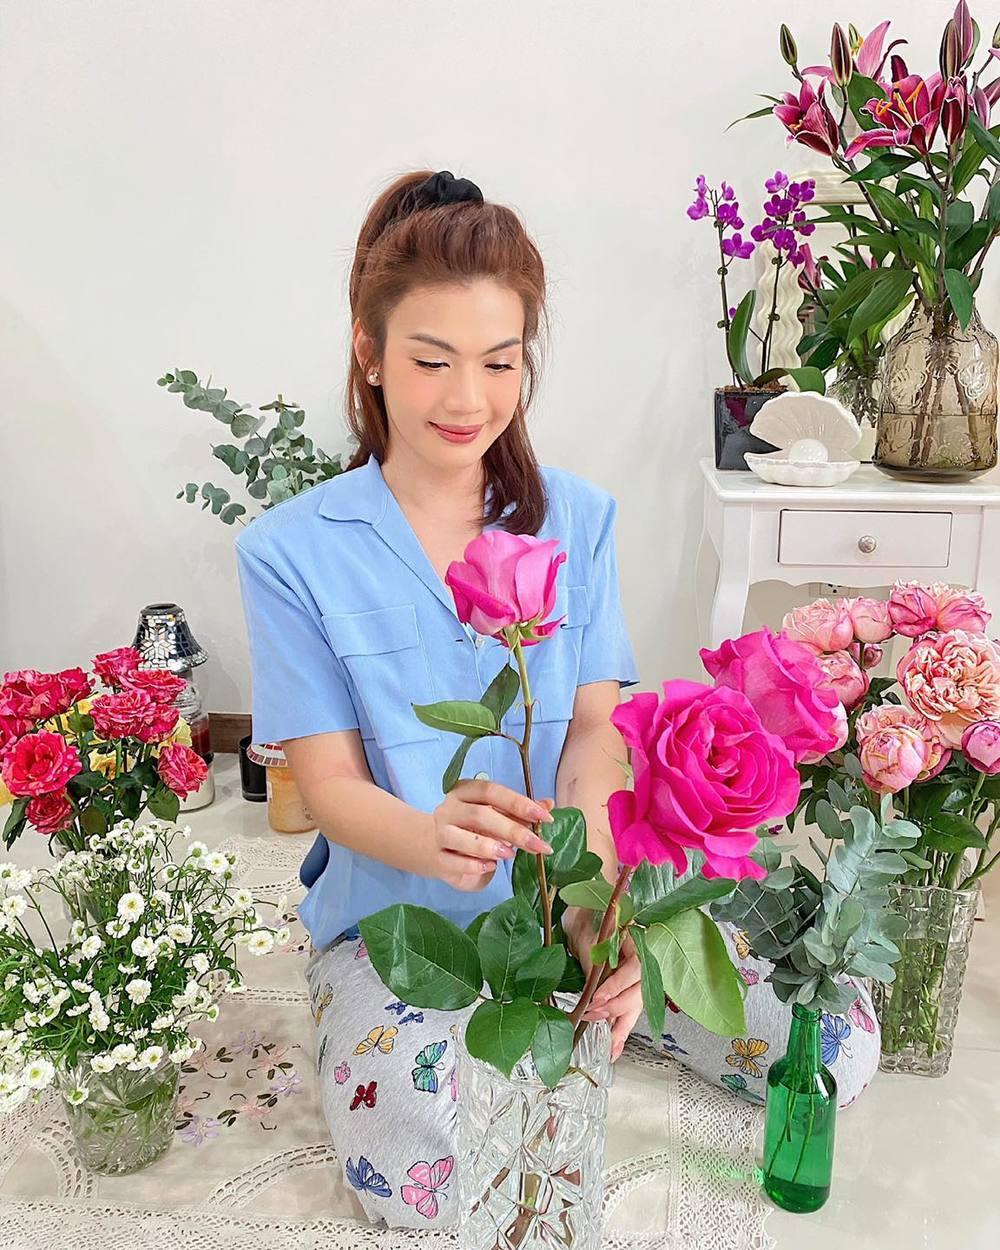 Để cuộc sống không bị nhàm chán khi nam ca sĩ có khá nhiều hoạt động trong ngày, điển hình như việc cắm hoa. (Ảnh: FBNV) - Tin sao Viet - Tin tuc sao Viet - Scandal sao Viet - Tin tuc cua Sao - Tin cua Sao